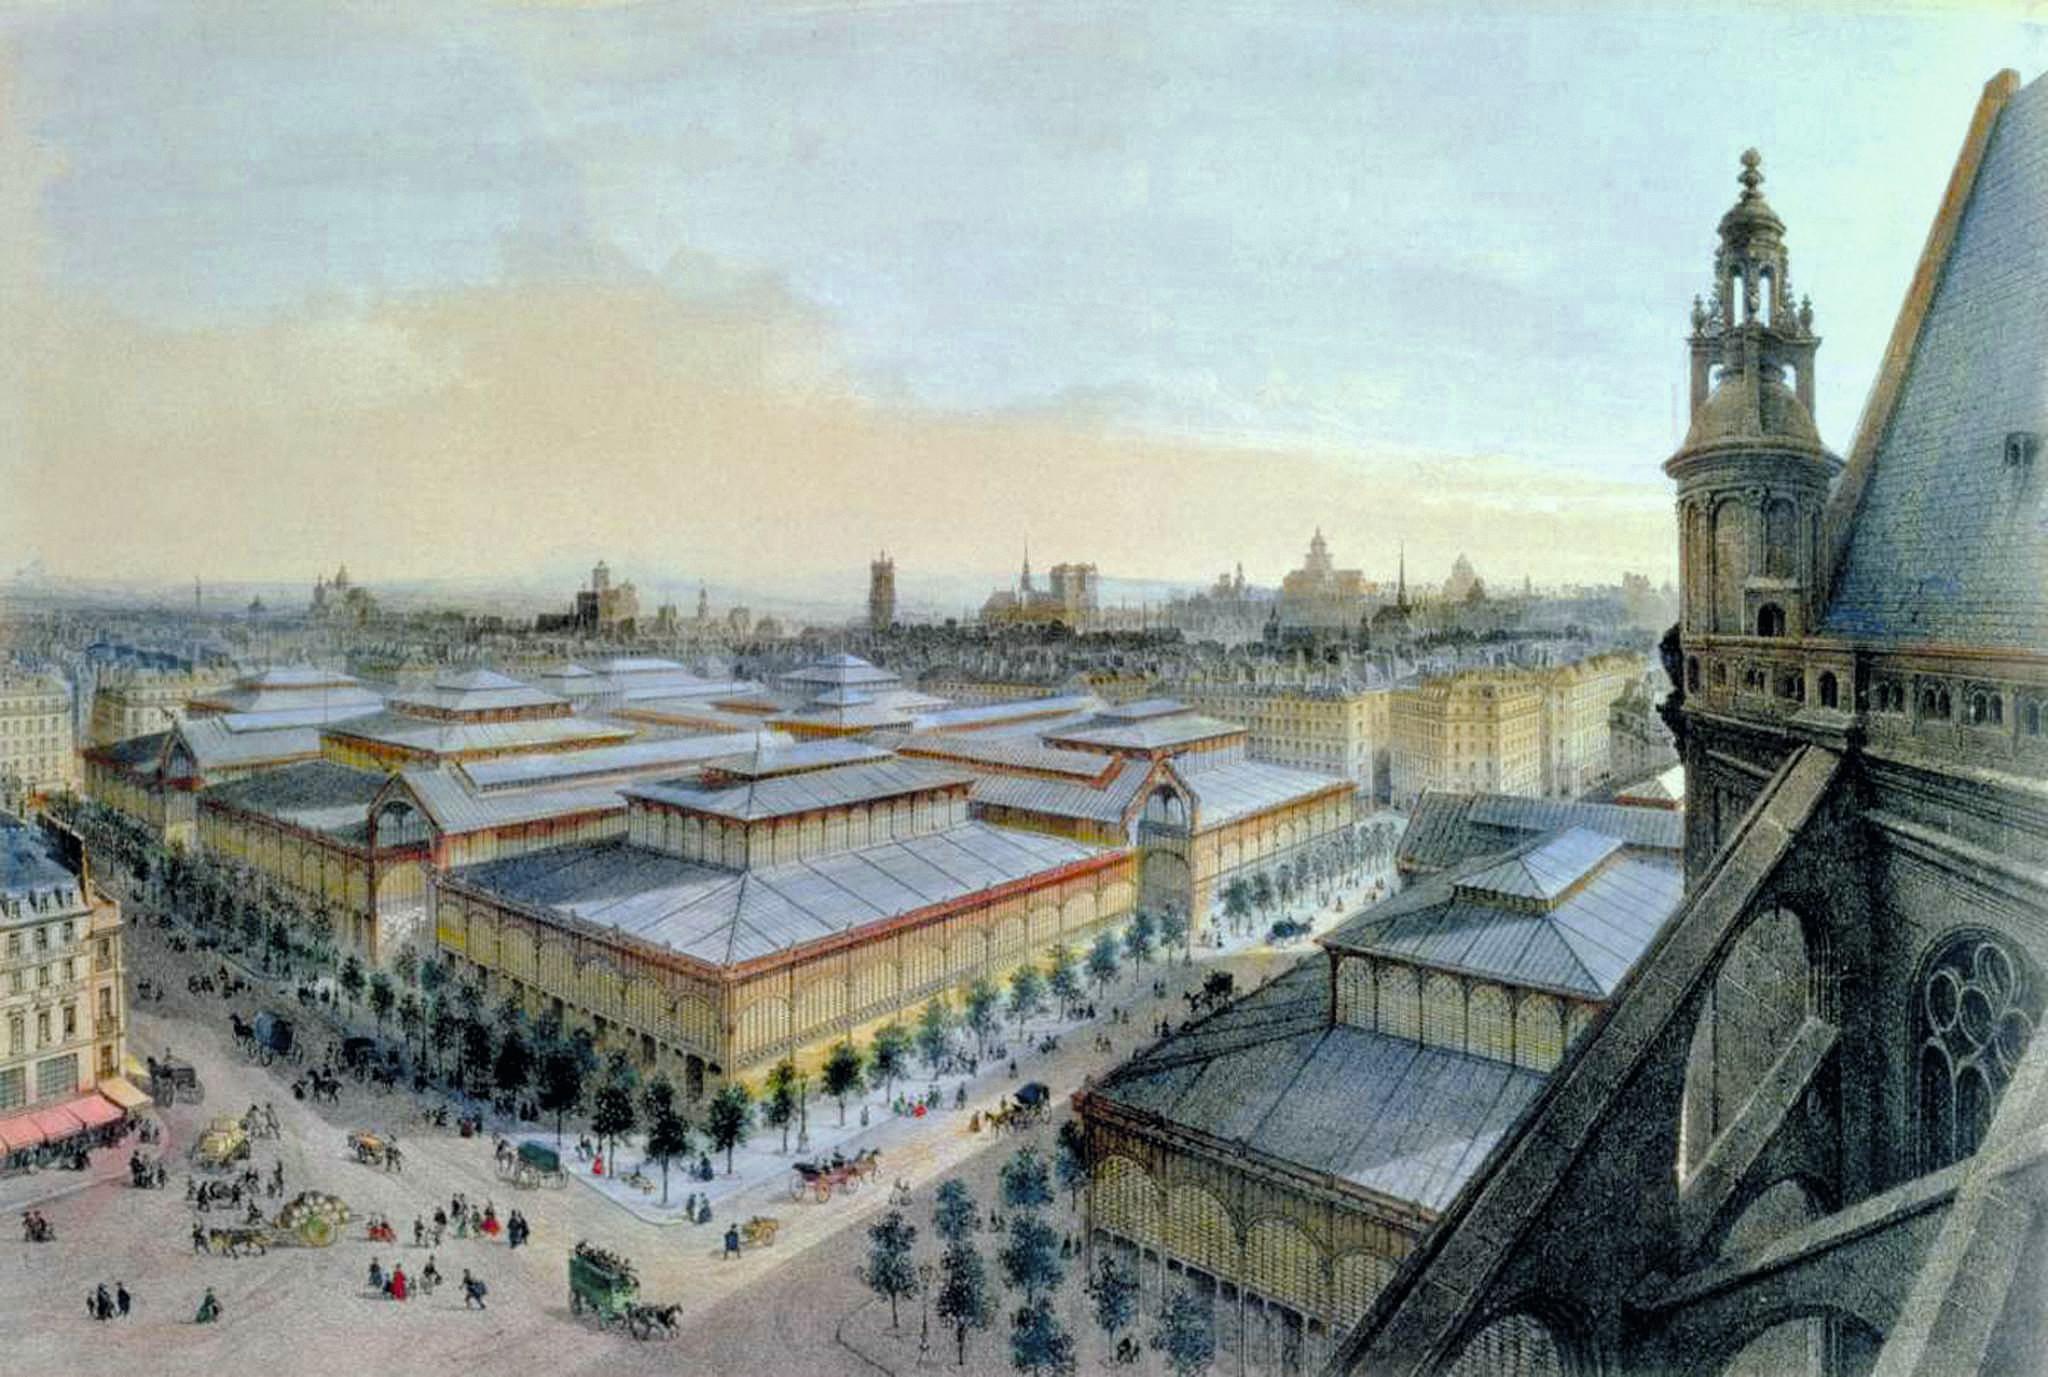 Félix Benoist, Vue des Halles de Paris, v. 1870, lithographie en couleur, 24,8 x 36,8 cm, BnF, Paris.